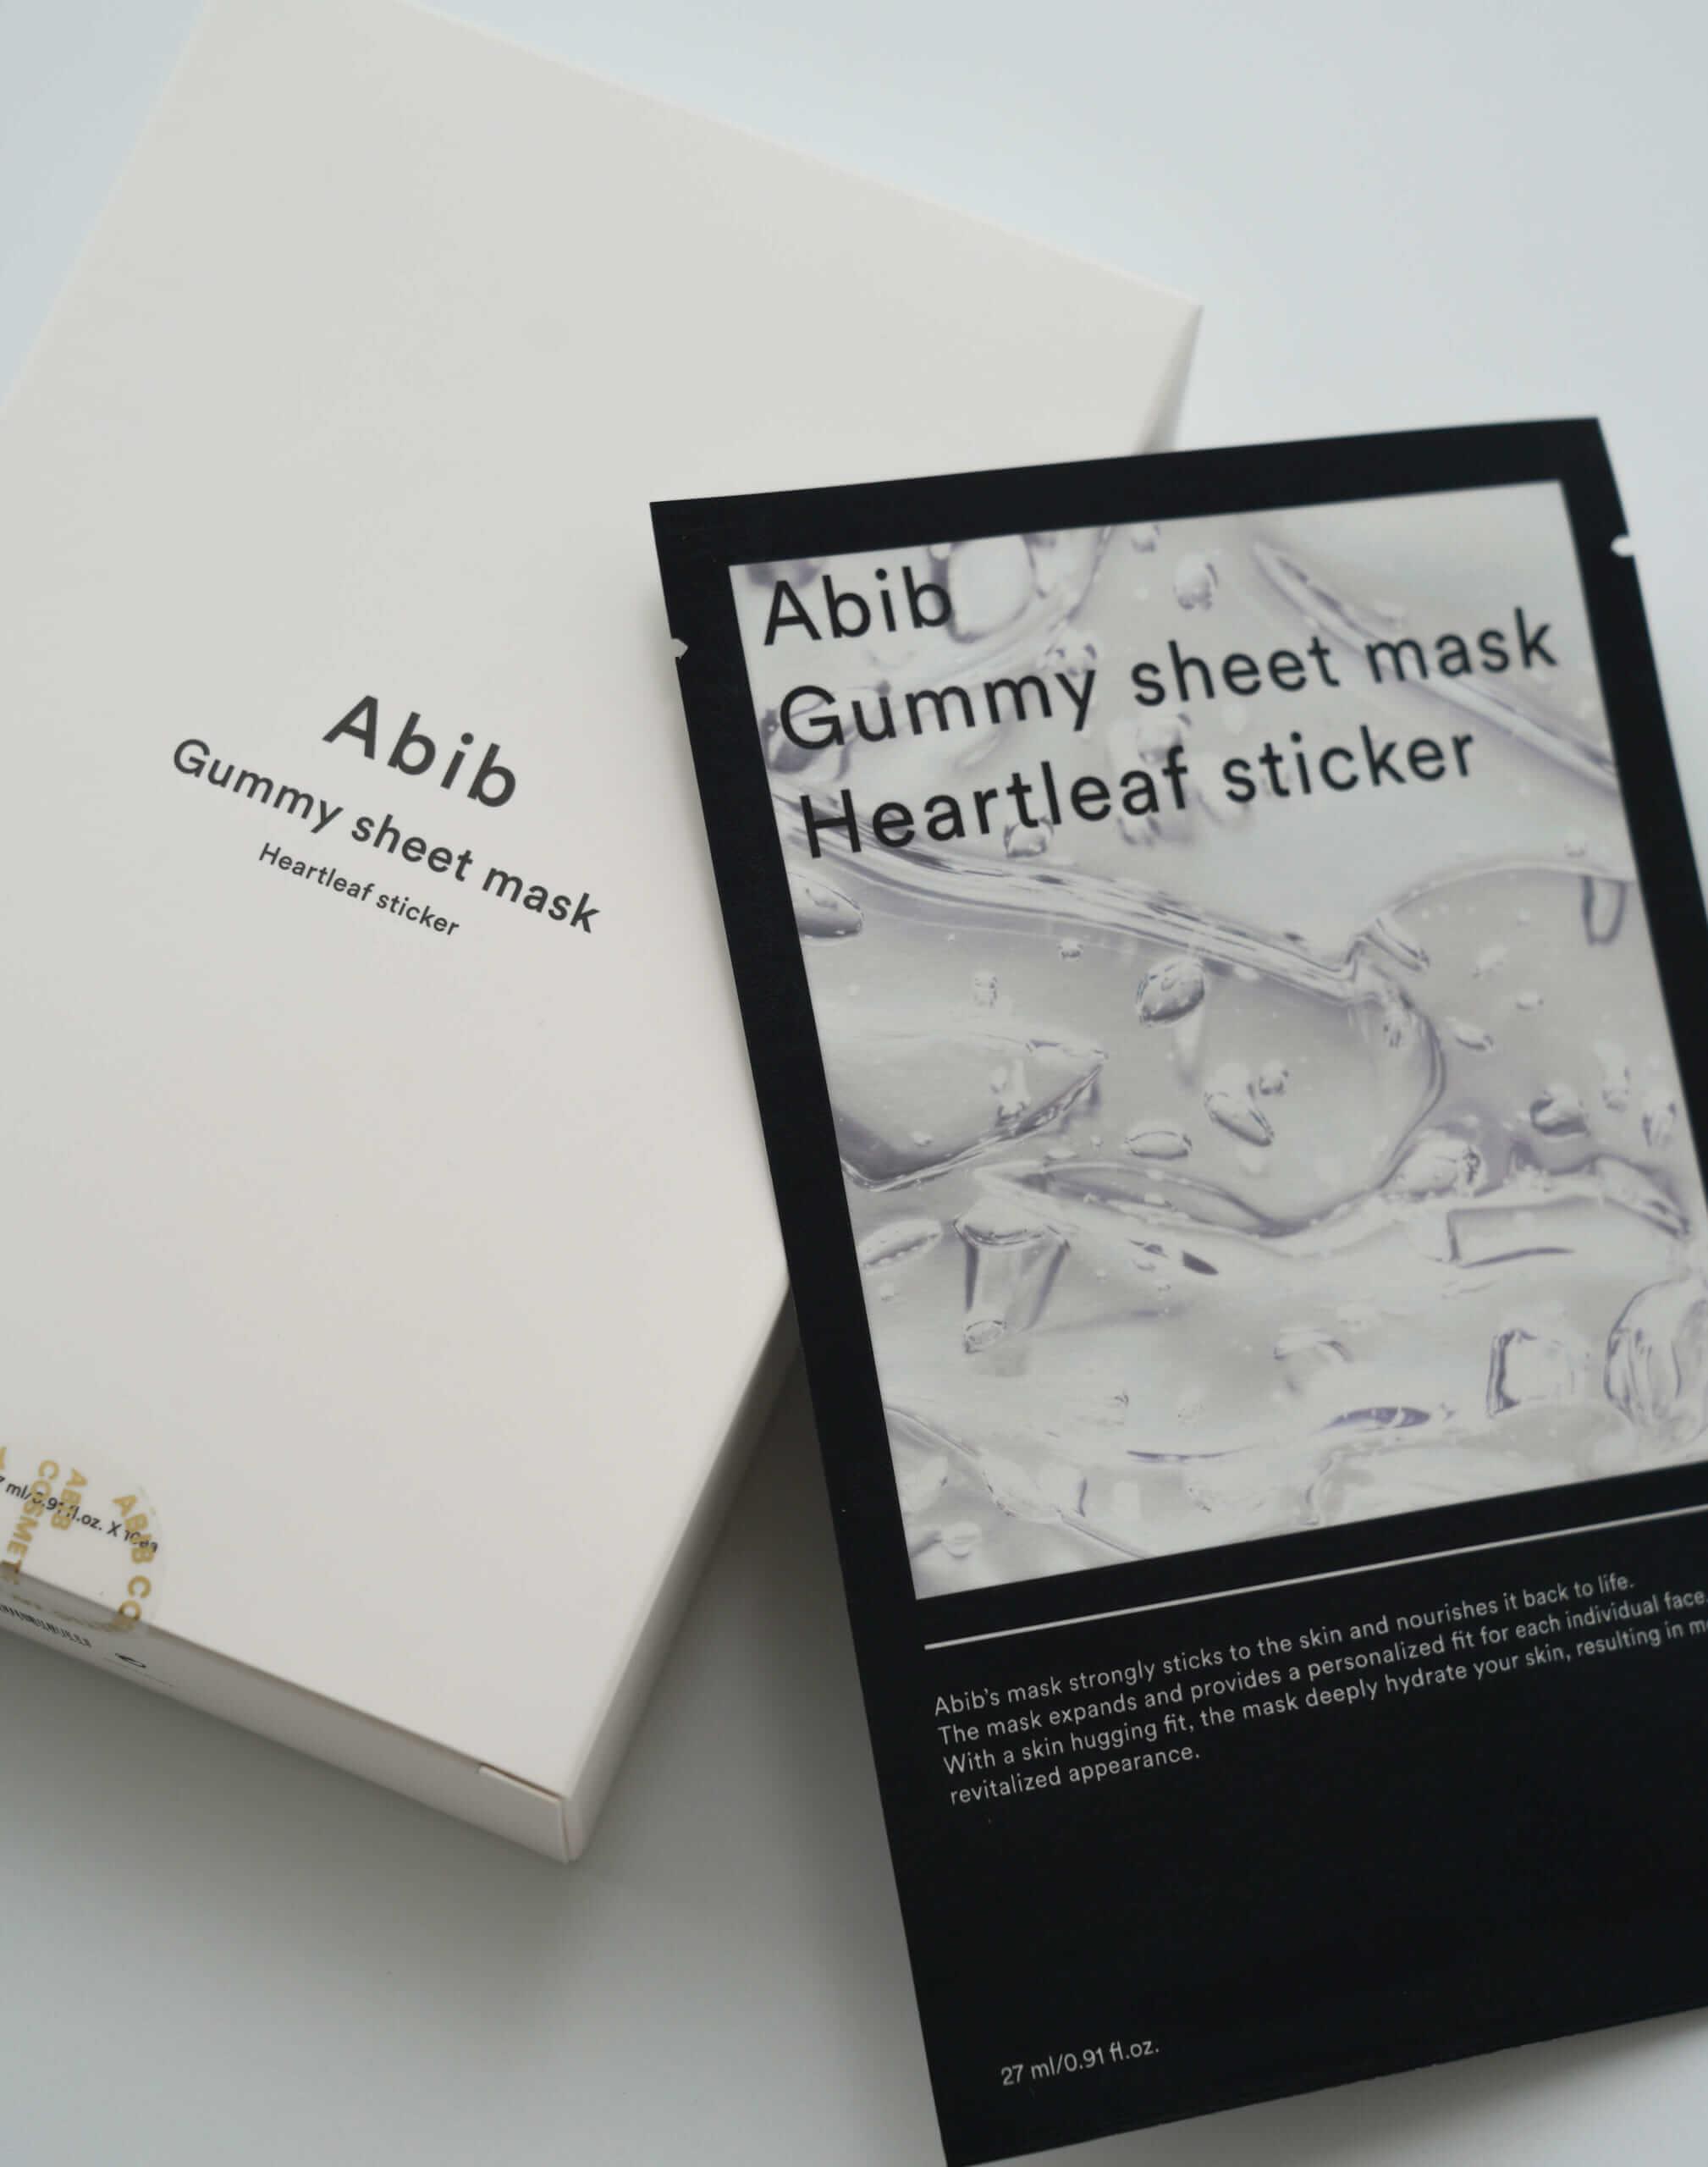 韓国コスメ「Abib(アビブ)」アビブ ガムシートマスクドクダミステッカー 10枚入り/¥4,800(税込み)